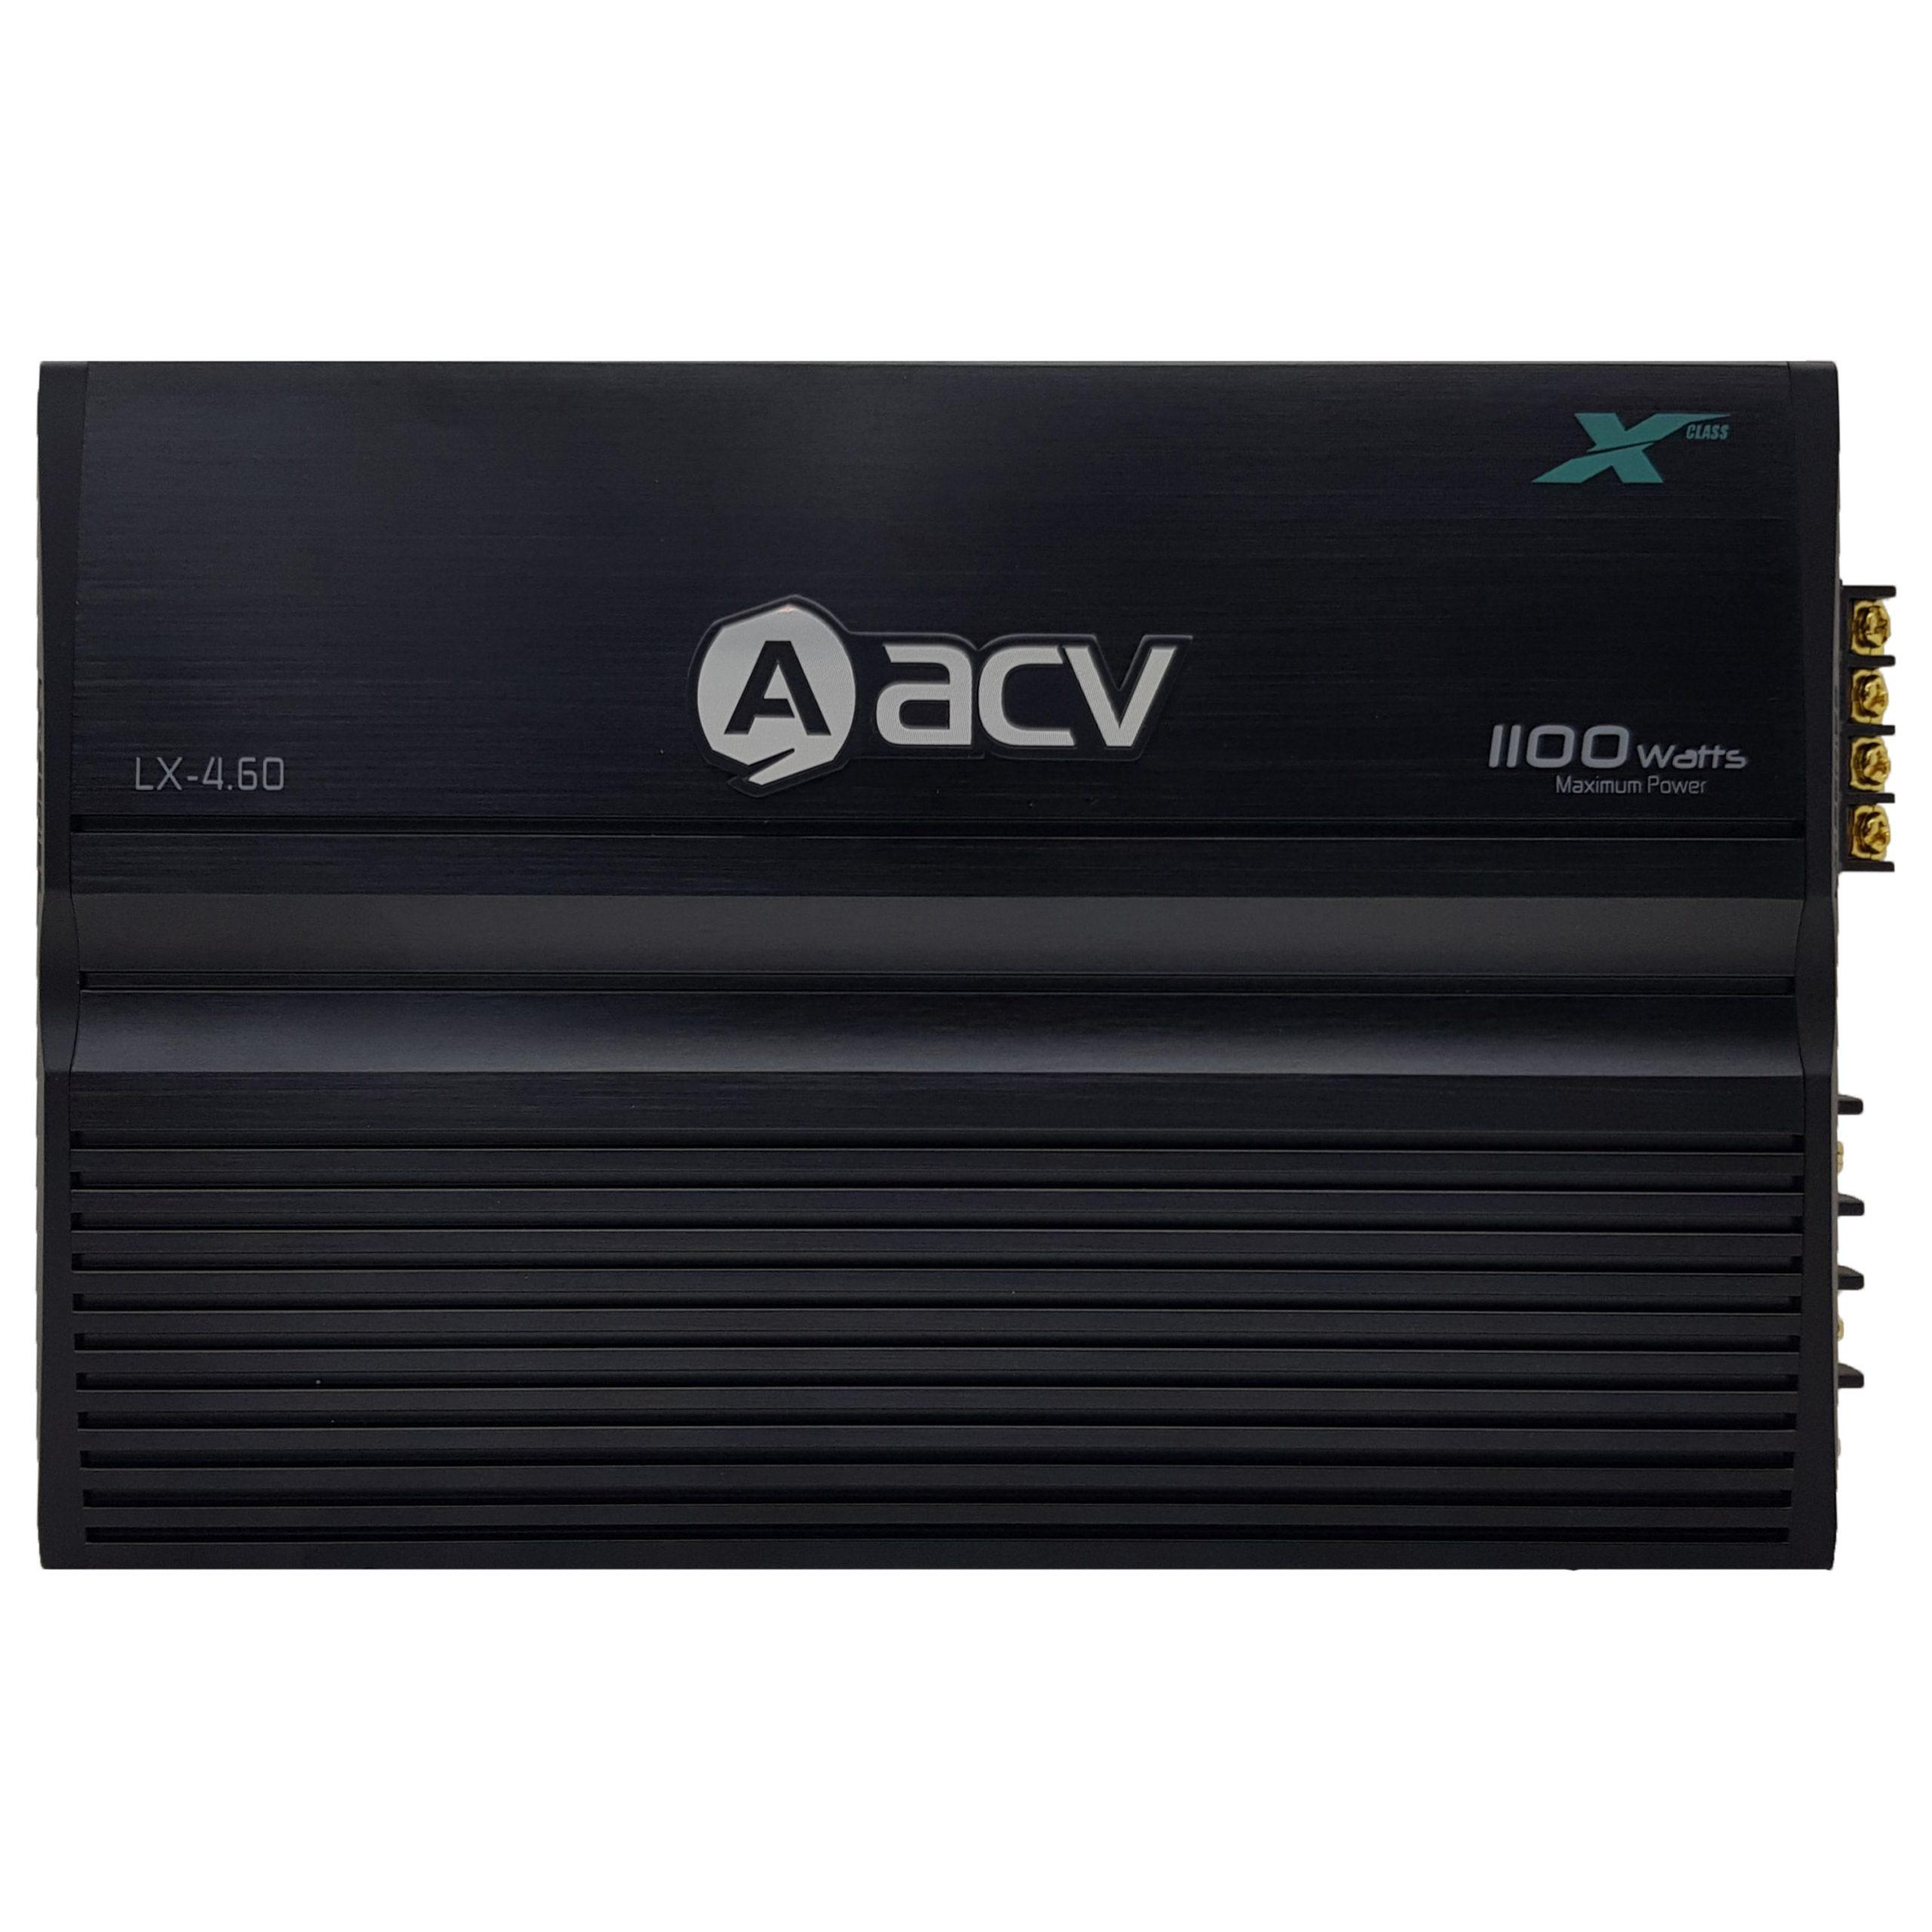 acv-lx-4.60-scaled-1.jpg